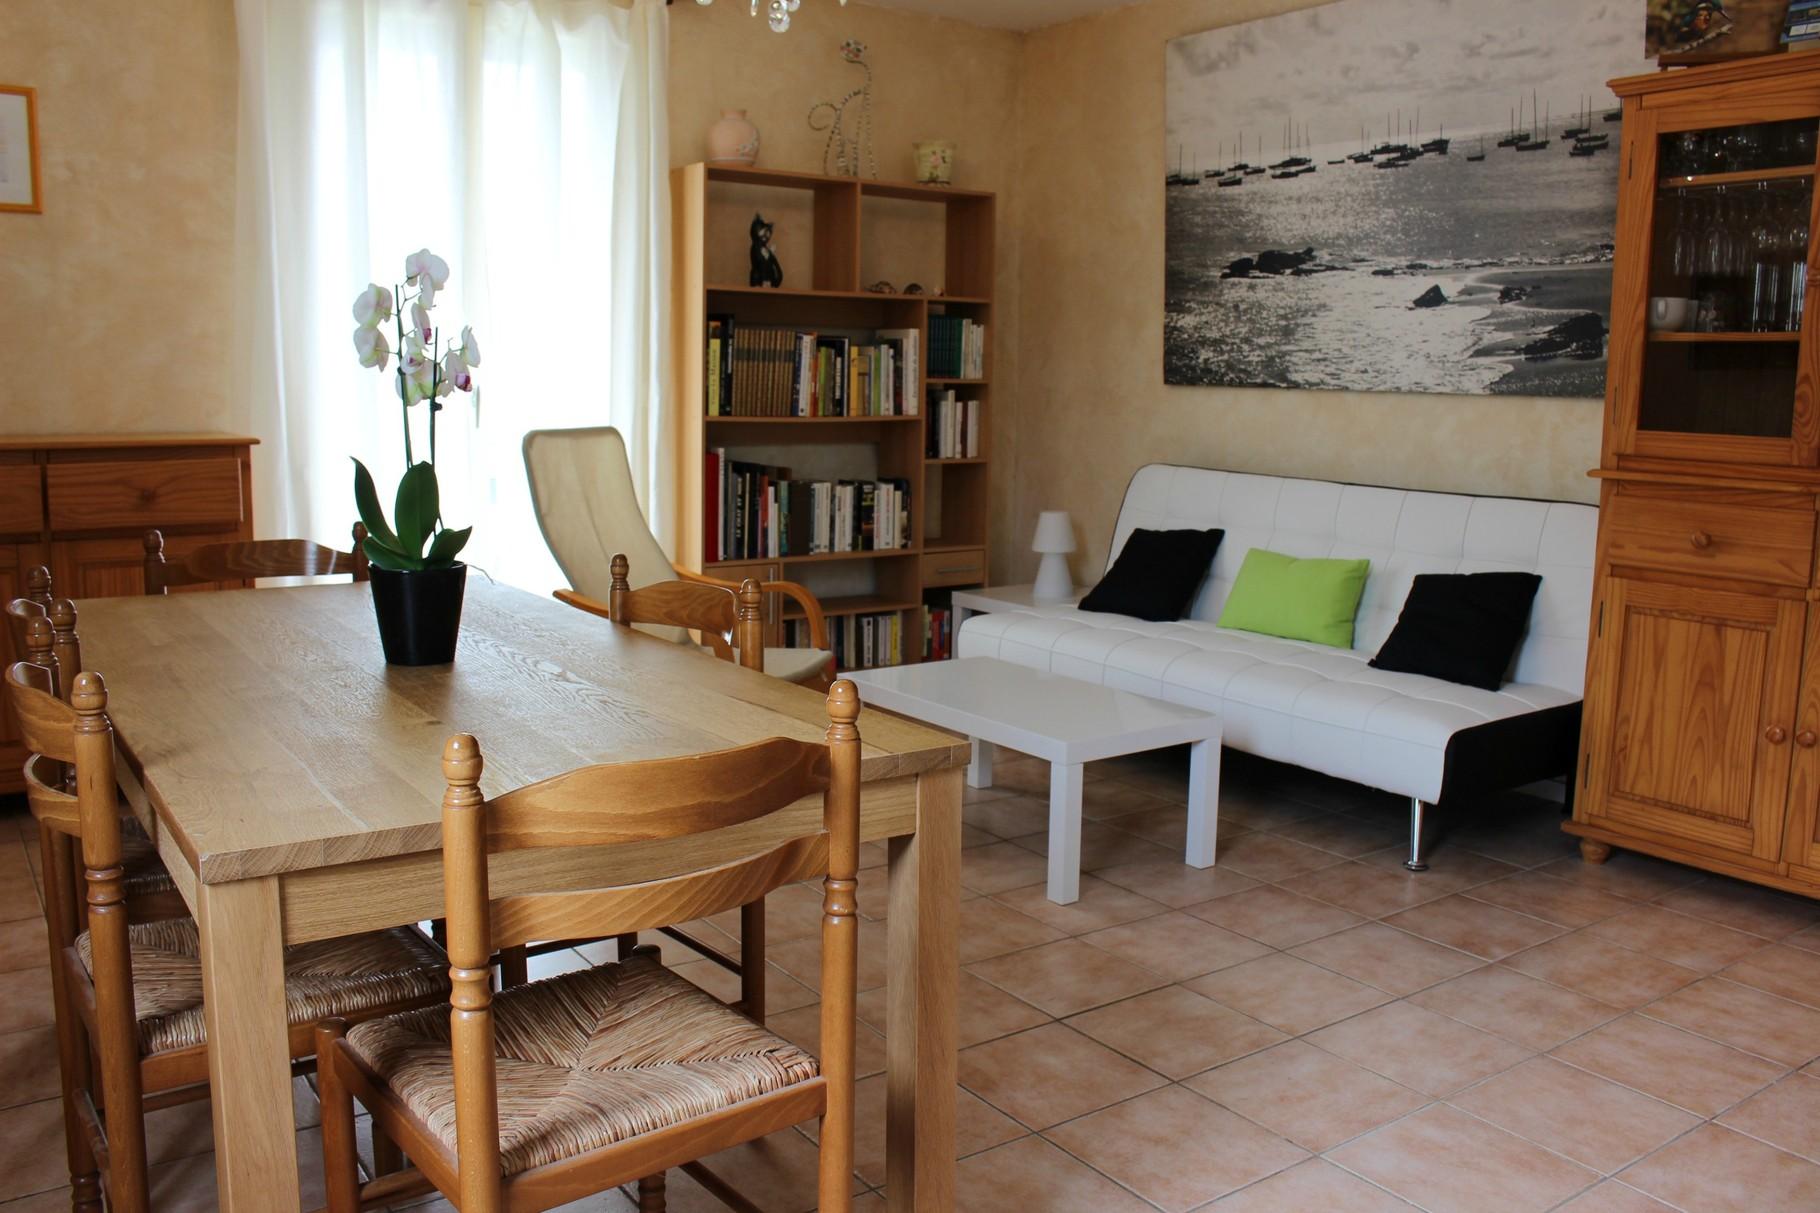 salle de séjour et salle à manger du gite Vacances sous le Catalpa au Teich